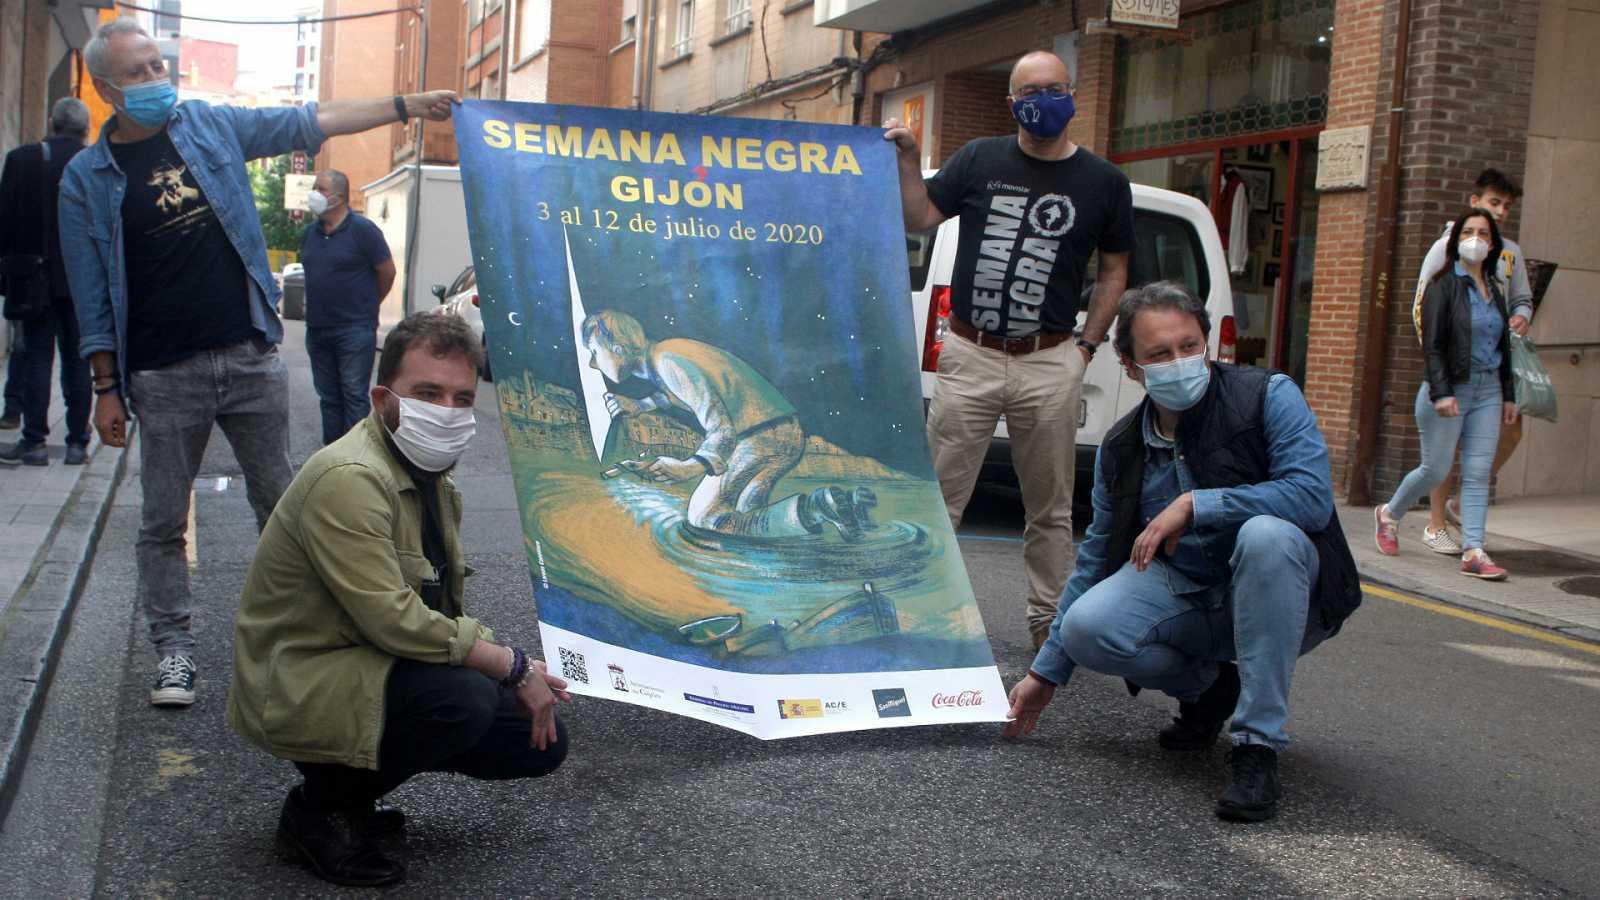 Hora América - Vuelven las ferias del libro en España: San Sebastián y Gijón, con títulos sobre el coronavirus - 15/07/20 - escuchar ahora